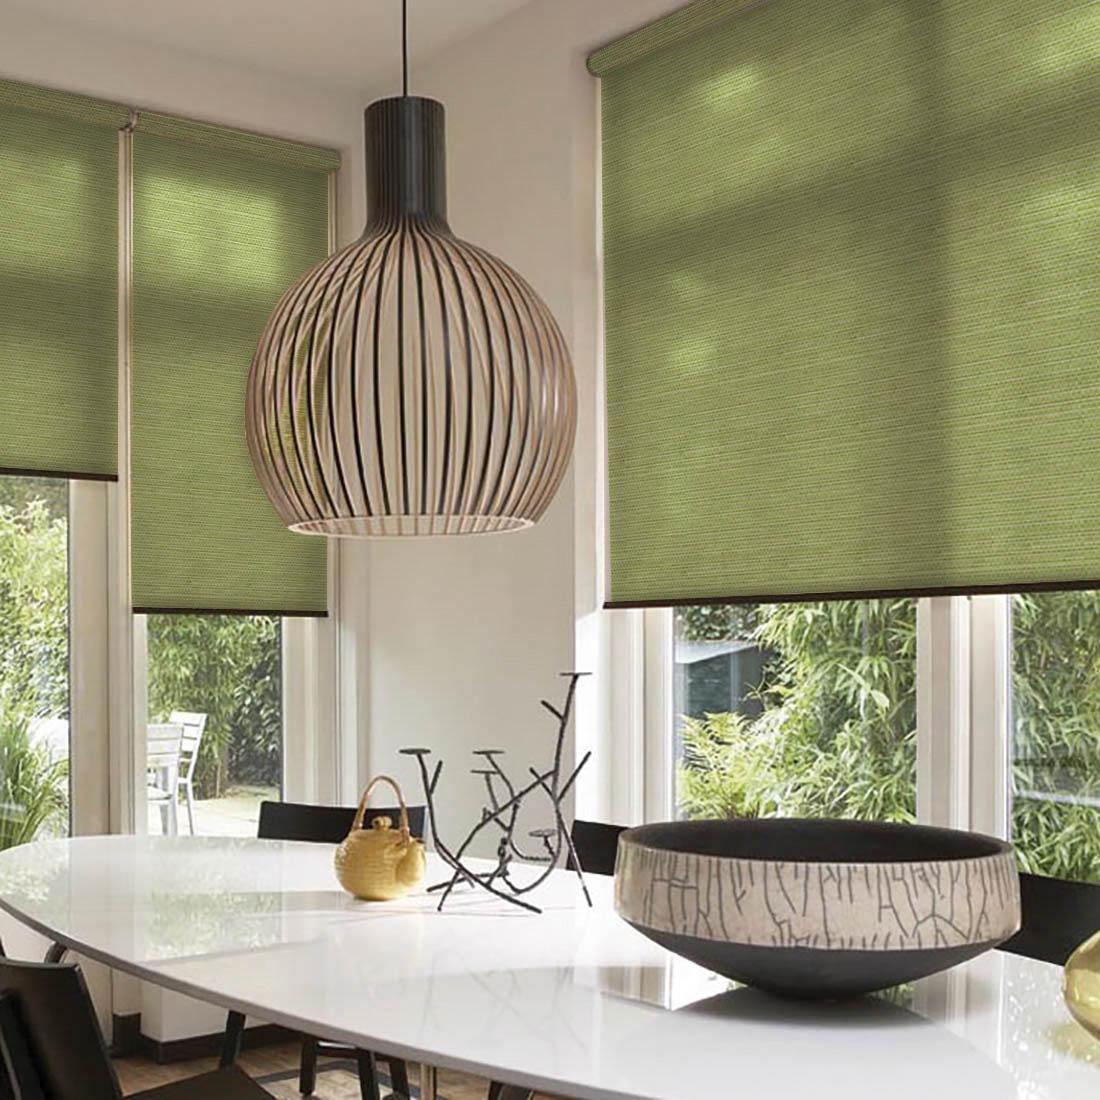 Шторы из бамбука – оригинальный современный аксессуар для создания необычного интерьера в восточном или минималистичном стиле. Особенность устройства полотна позволяет свободно пропускать дневной свет, что обеспечивает мягкое освещение комнаты. Это натуральный влагостойкий материал, который легко вписывается в любой интерьер, хорошо сочетается с различной мебелью и элементами отделки. Использование бамбукового полотна придает помещению необычный вид и визуально расширяет пространство. Кронштейны - специальные крючки-держатели, которые крепятся на поверхность, а на них крепится штора. Такой вид крепления обычно используется для рулонных, французских, римских или австрийских штор. Кронштейны держат конструкцию из вала (карниза), на котором находится полотно, и механизма подъема/опускания шторы.ВНИМАНИЕ! Комплектация штор может отличаться от представленной на фотографии. Фактическая комплектация указана в описании изделия.Производитель: Dome. Cтрана бренда: Дания.Рулонные шторы. Материал портьеры: Бамбук. Состав портьеры: бамбуковое волокно с нитью из полиэстера. Размер портьеры: 48 х172 см. (1 шт.). Вид крепления: Кронштейны. Тип карниза: Без использования карниза. Рекомендуемая ширина карниза (см.): 50 -100. Светозащита 55-85%.В комплект входят: - Крепления на отрытую створку окна.- Кронштейны для вала со шторкой. - Вал с тканью (шторка). - Цепочка для регулирования шторы.- Утяжелитель для шторки. Крепление на глухую створку, направляющие, фиксатор для цепочного механизма - приобретаются отдельно. Максимальный размер карниза, указанный в описании, предполагает, что Вы будете использовать 2 полотна на одно окно. Обратите внимание на информацию о том, сколько полотен входит в данный комплект изначально. Зачастую шторы продаются по одному полотну, чтобы дать возможность подобрать изделия в желаемом цвете и стиле, создавая свое неповторимое сочетание.Комплектация: 1 портьера, крепления на отрытую створку окна, кронштейны для вала со шторкой, цепочка для регулирования што